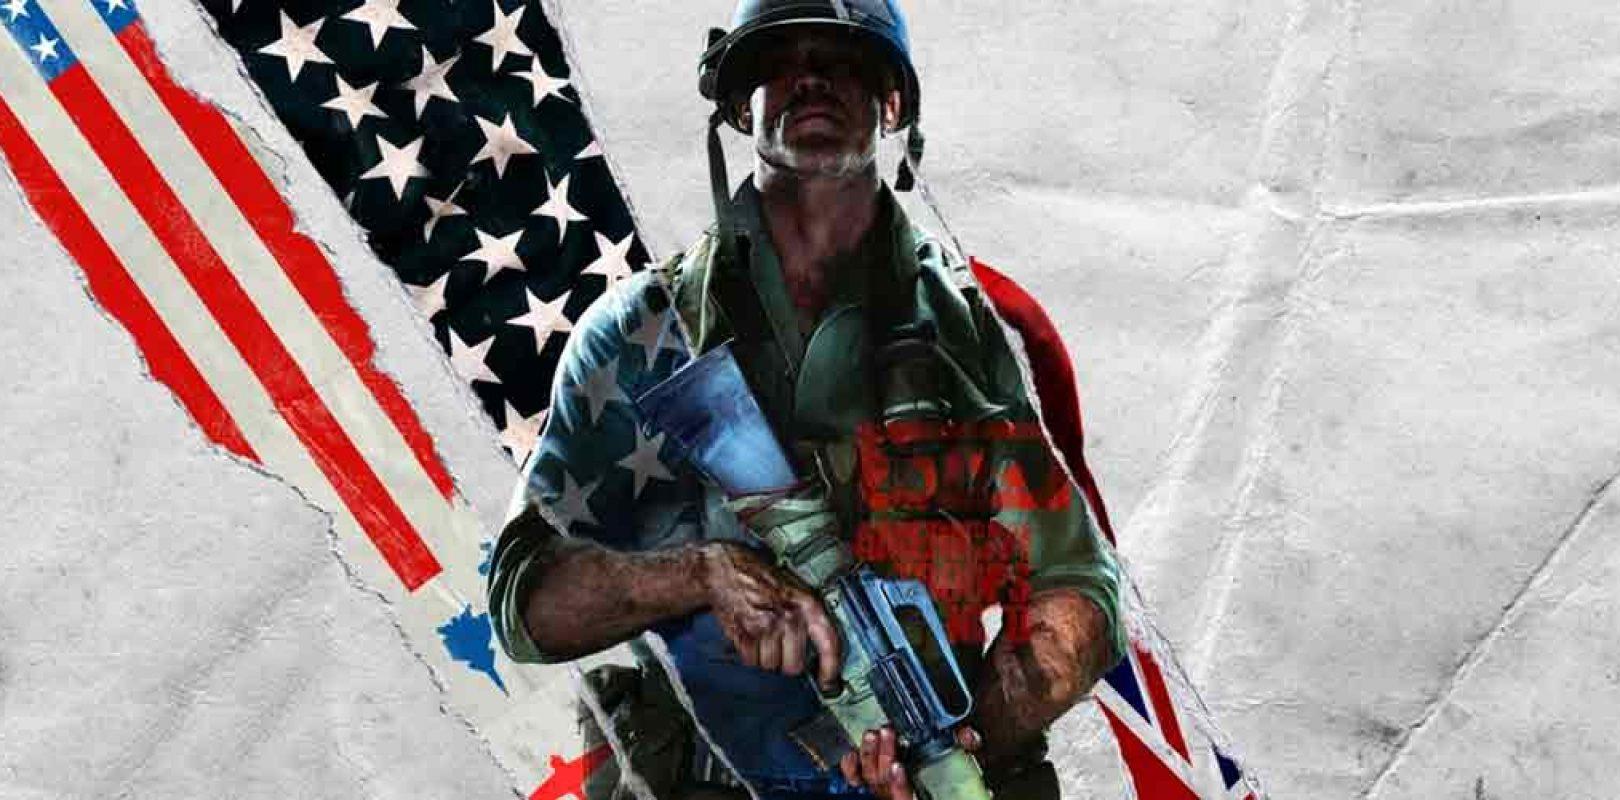 Альфа Call of Duty: Black Ops Cold War стала самым большим тестом в истории бренда